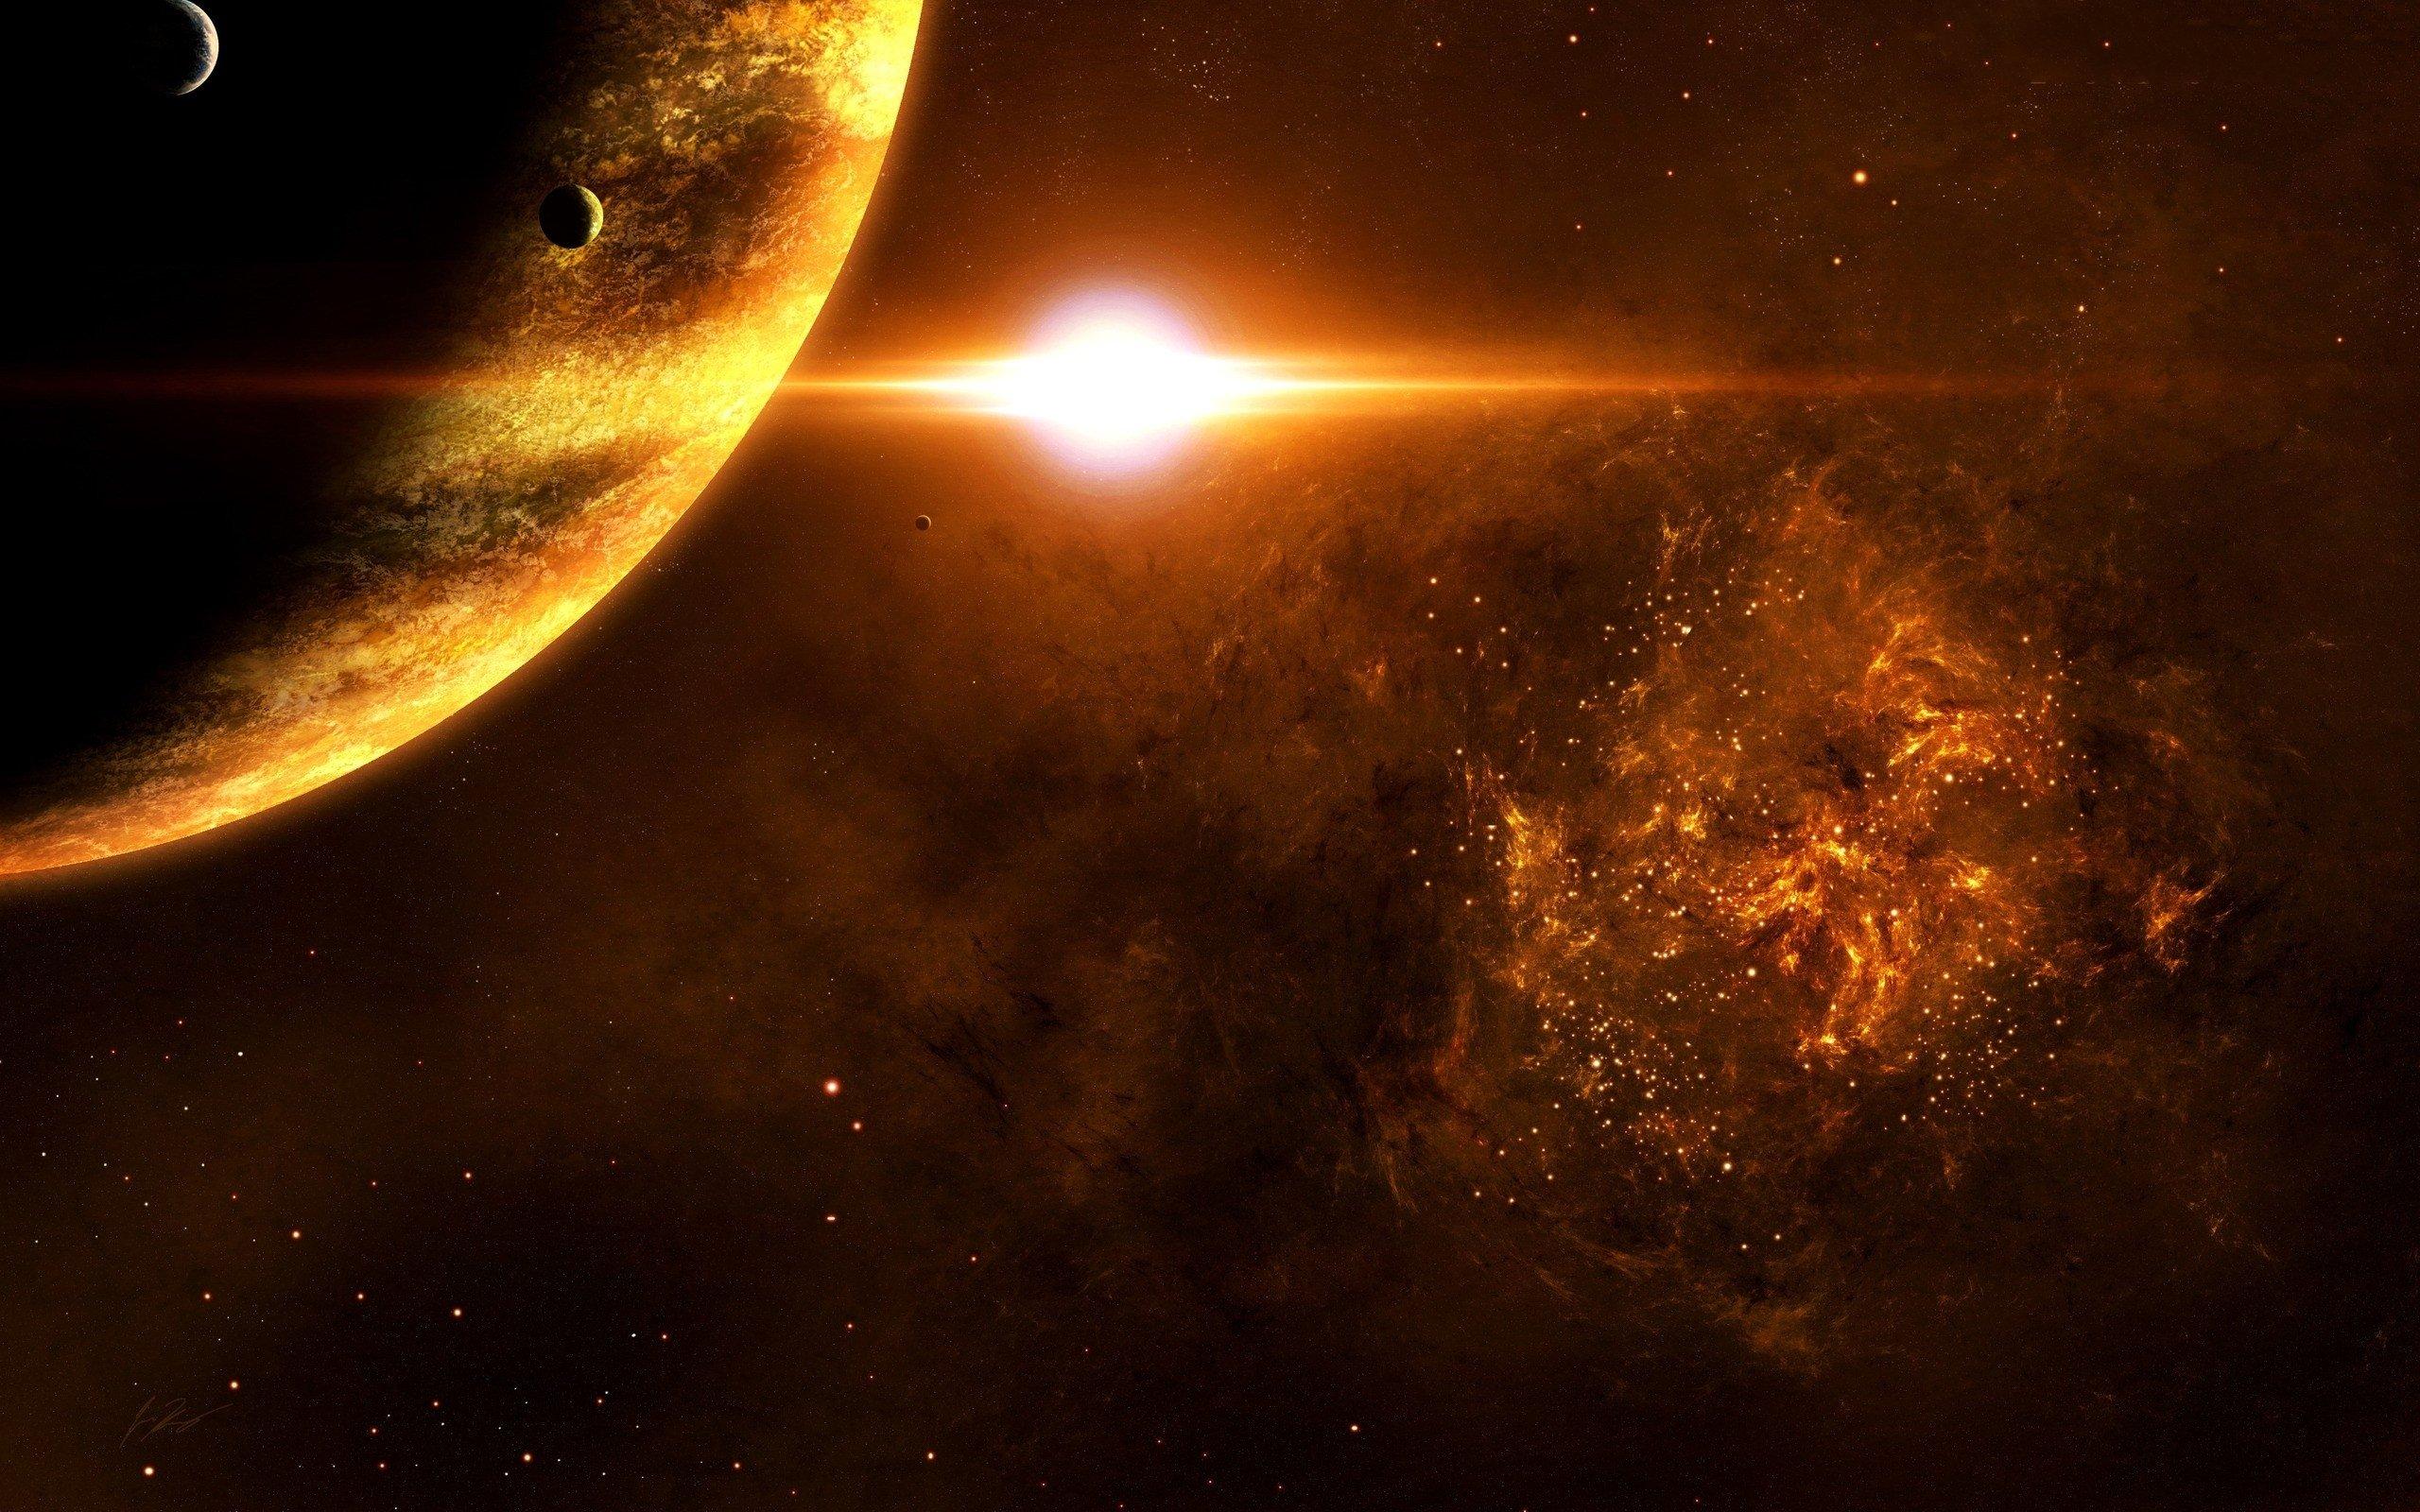 солнце, планеты, звезды